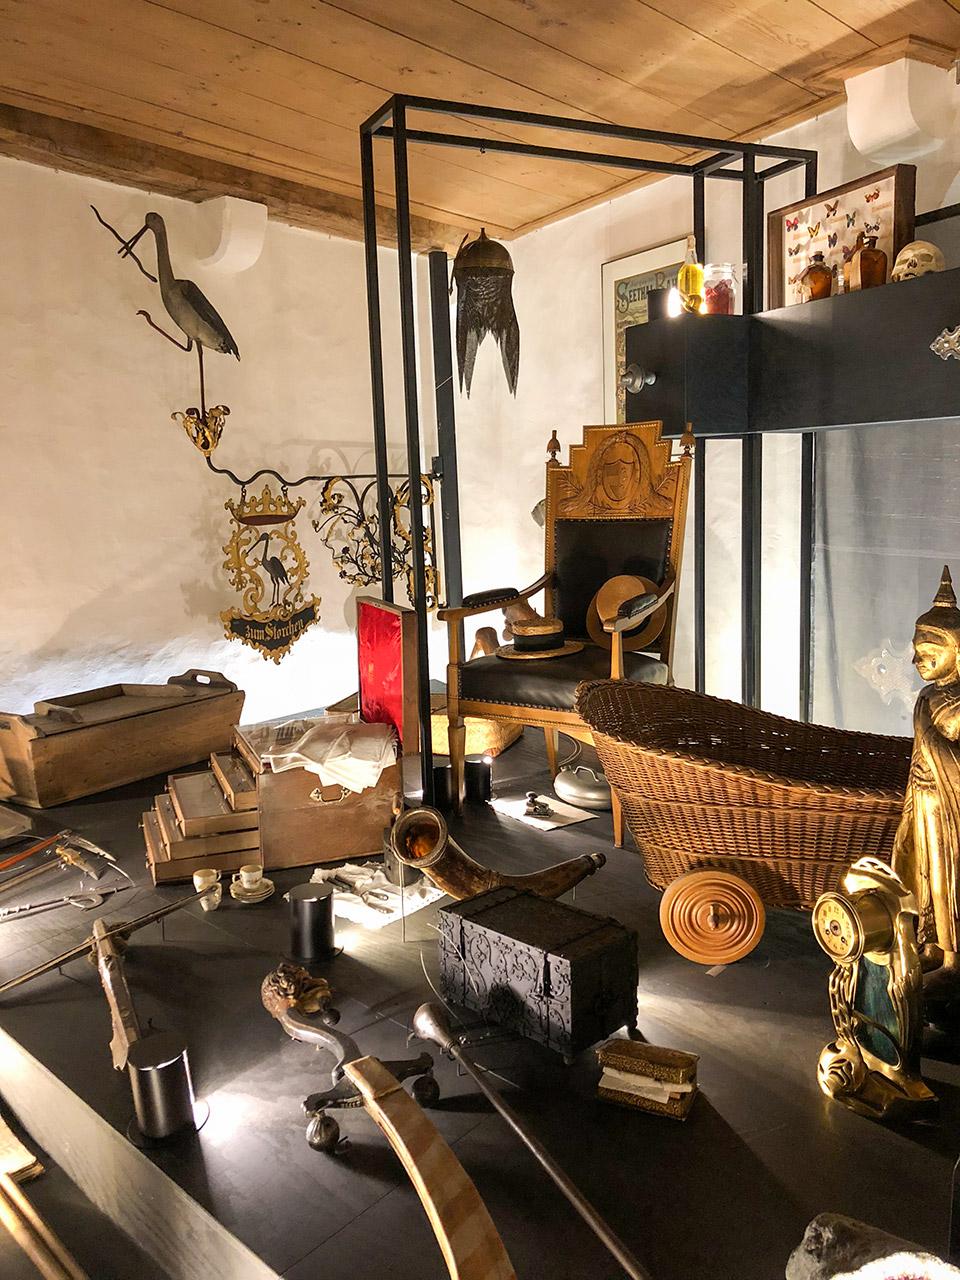 Museen-Ausstellungen - Ausstellung Wunderkammer Schloss Hallwyl